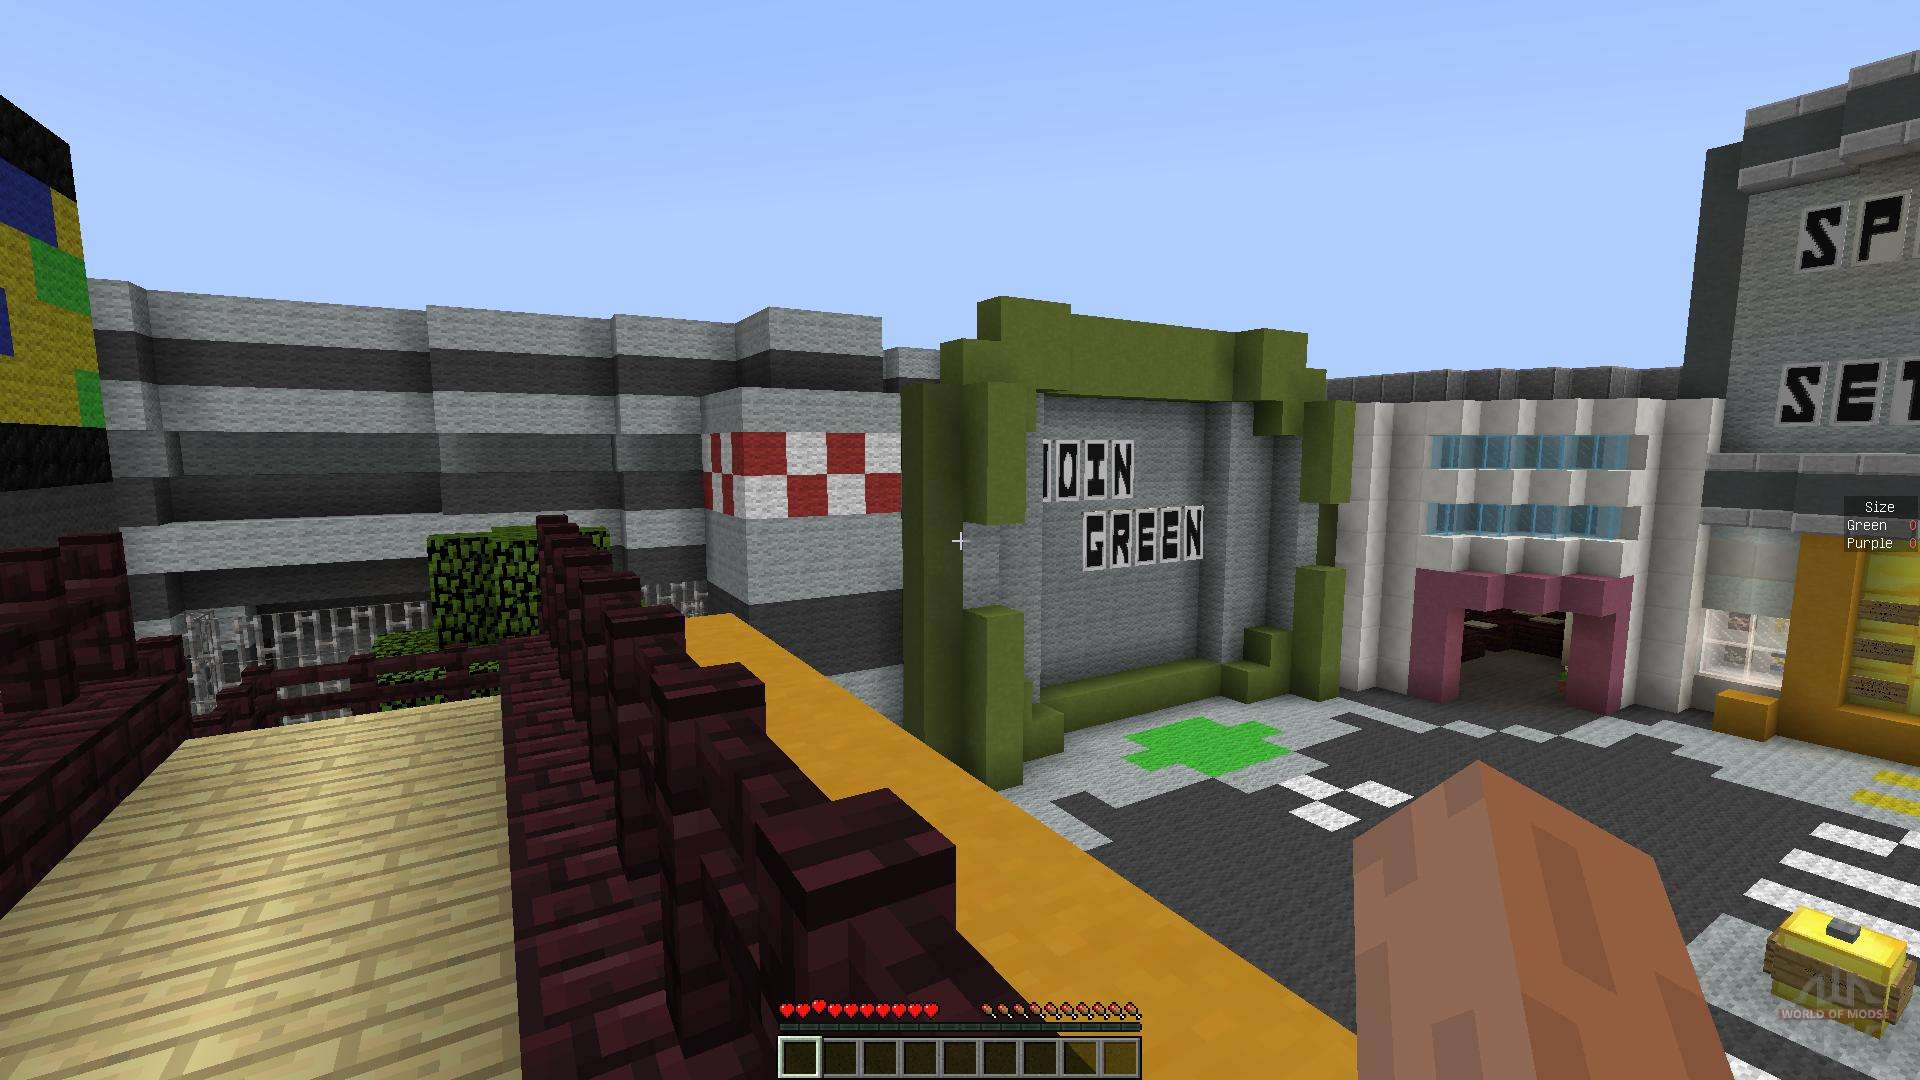 mod minecraft download splatoon